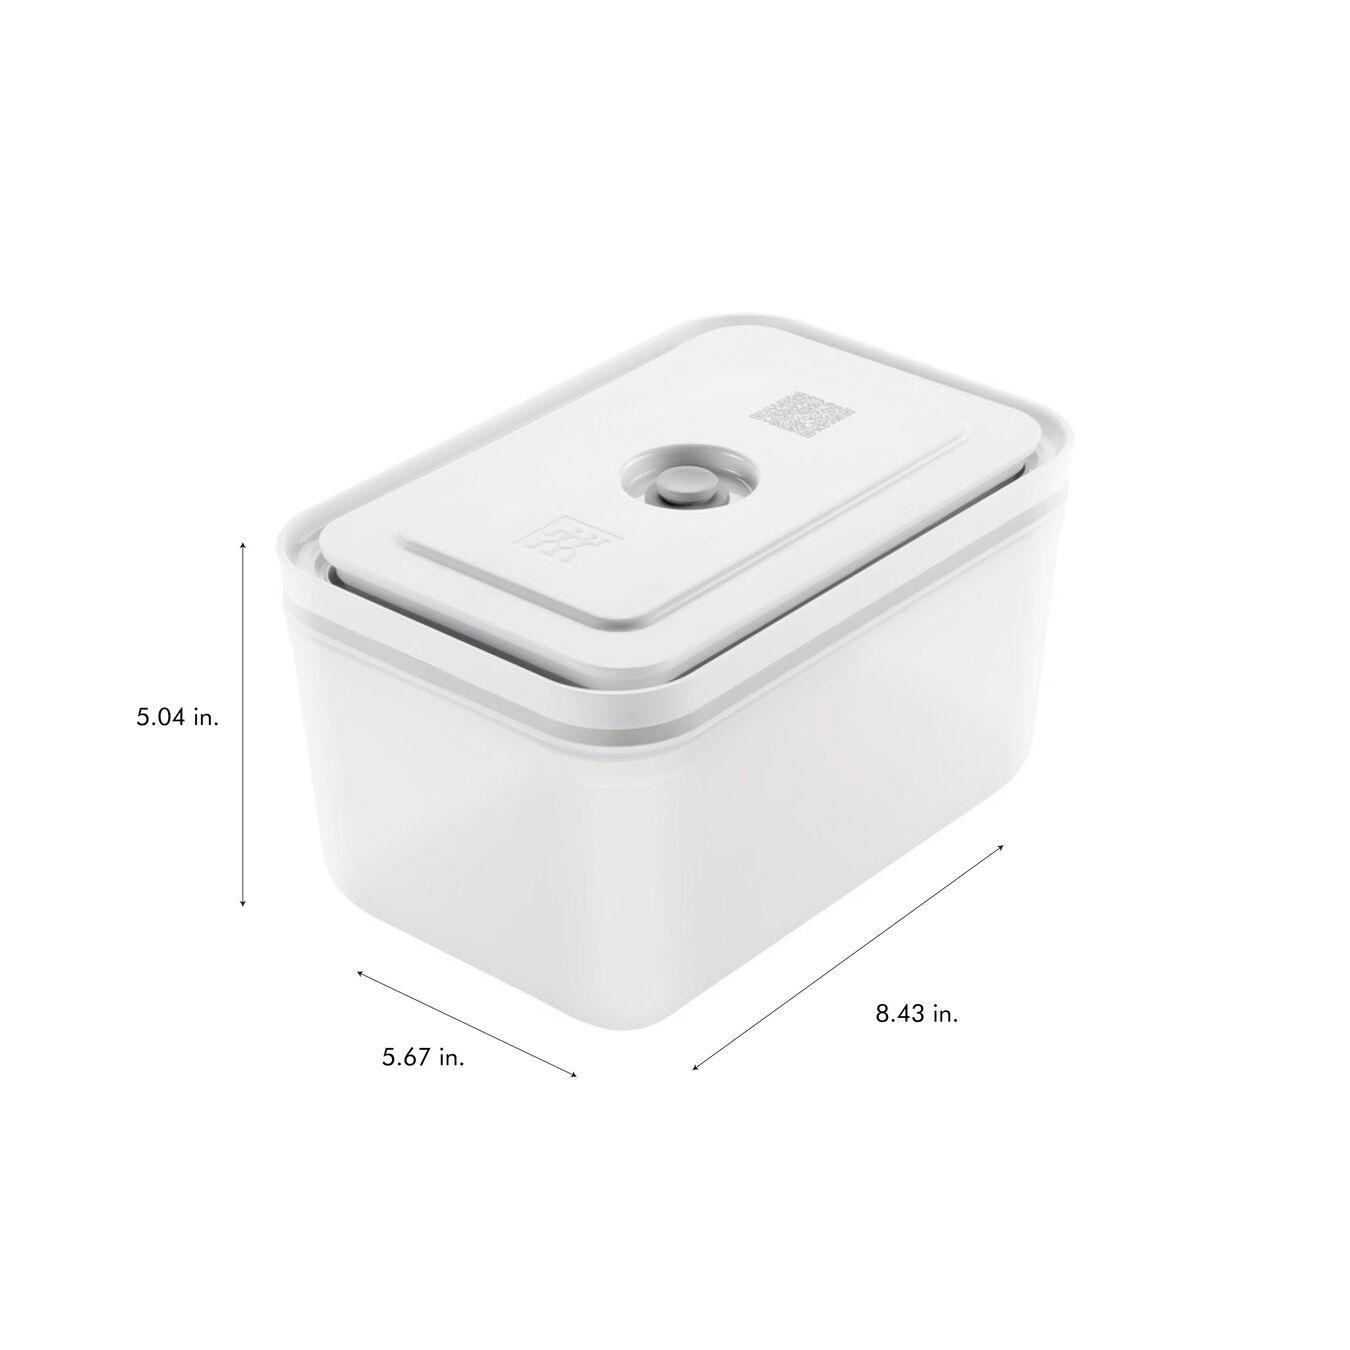 Ensemble de boîtes sous vide, S/M/L / 3-pcs, Plastique, Blanc,,large 11